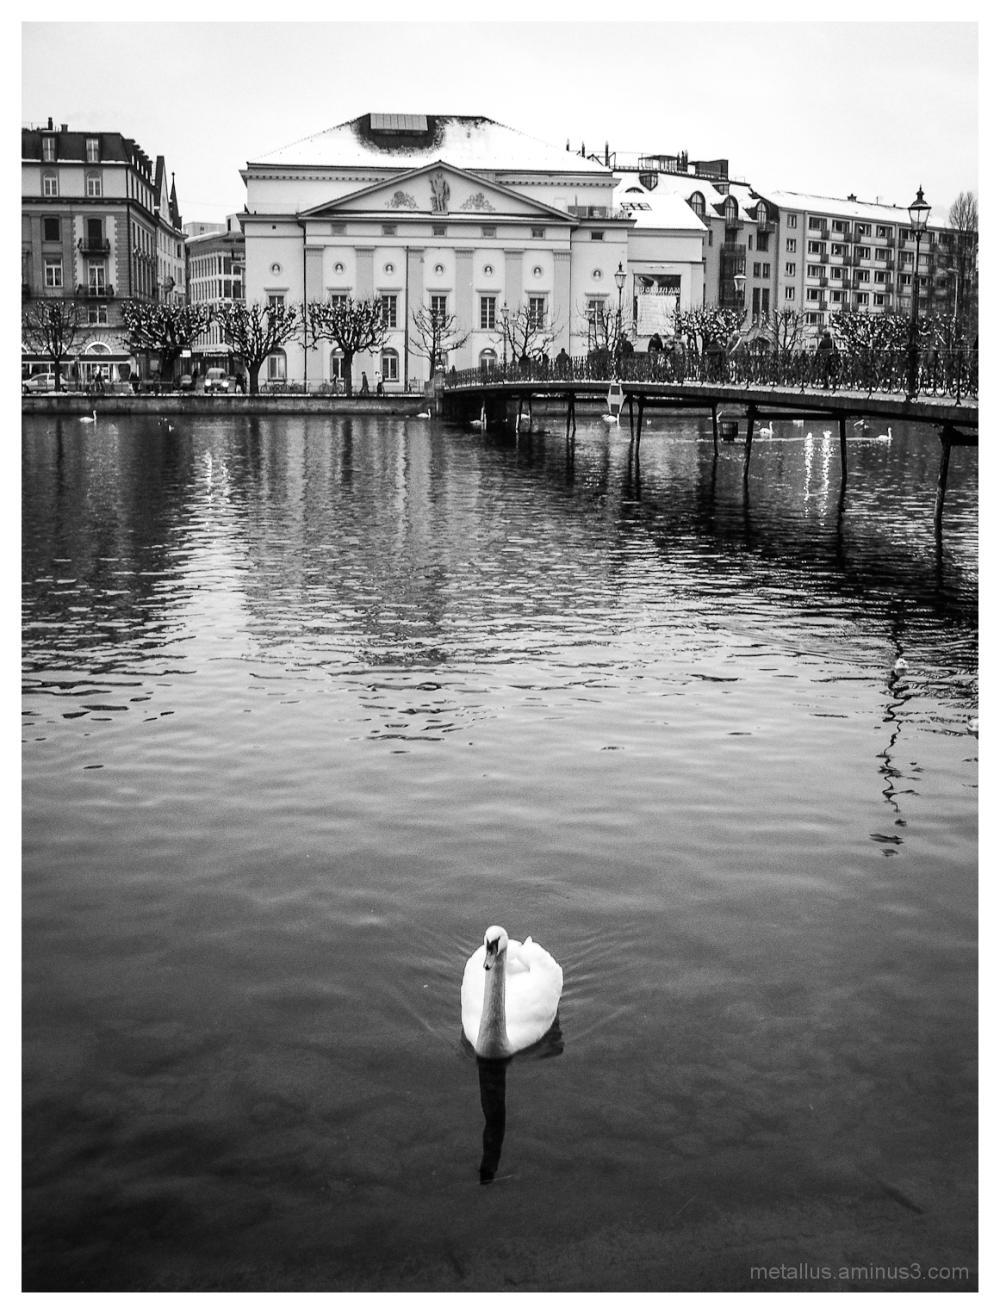 A Swan at Lucerne, Switzerland